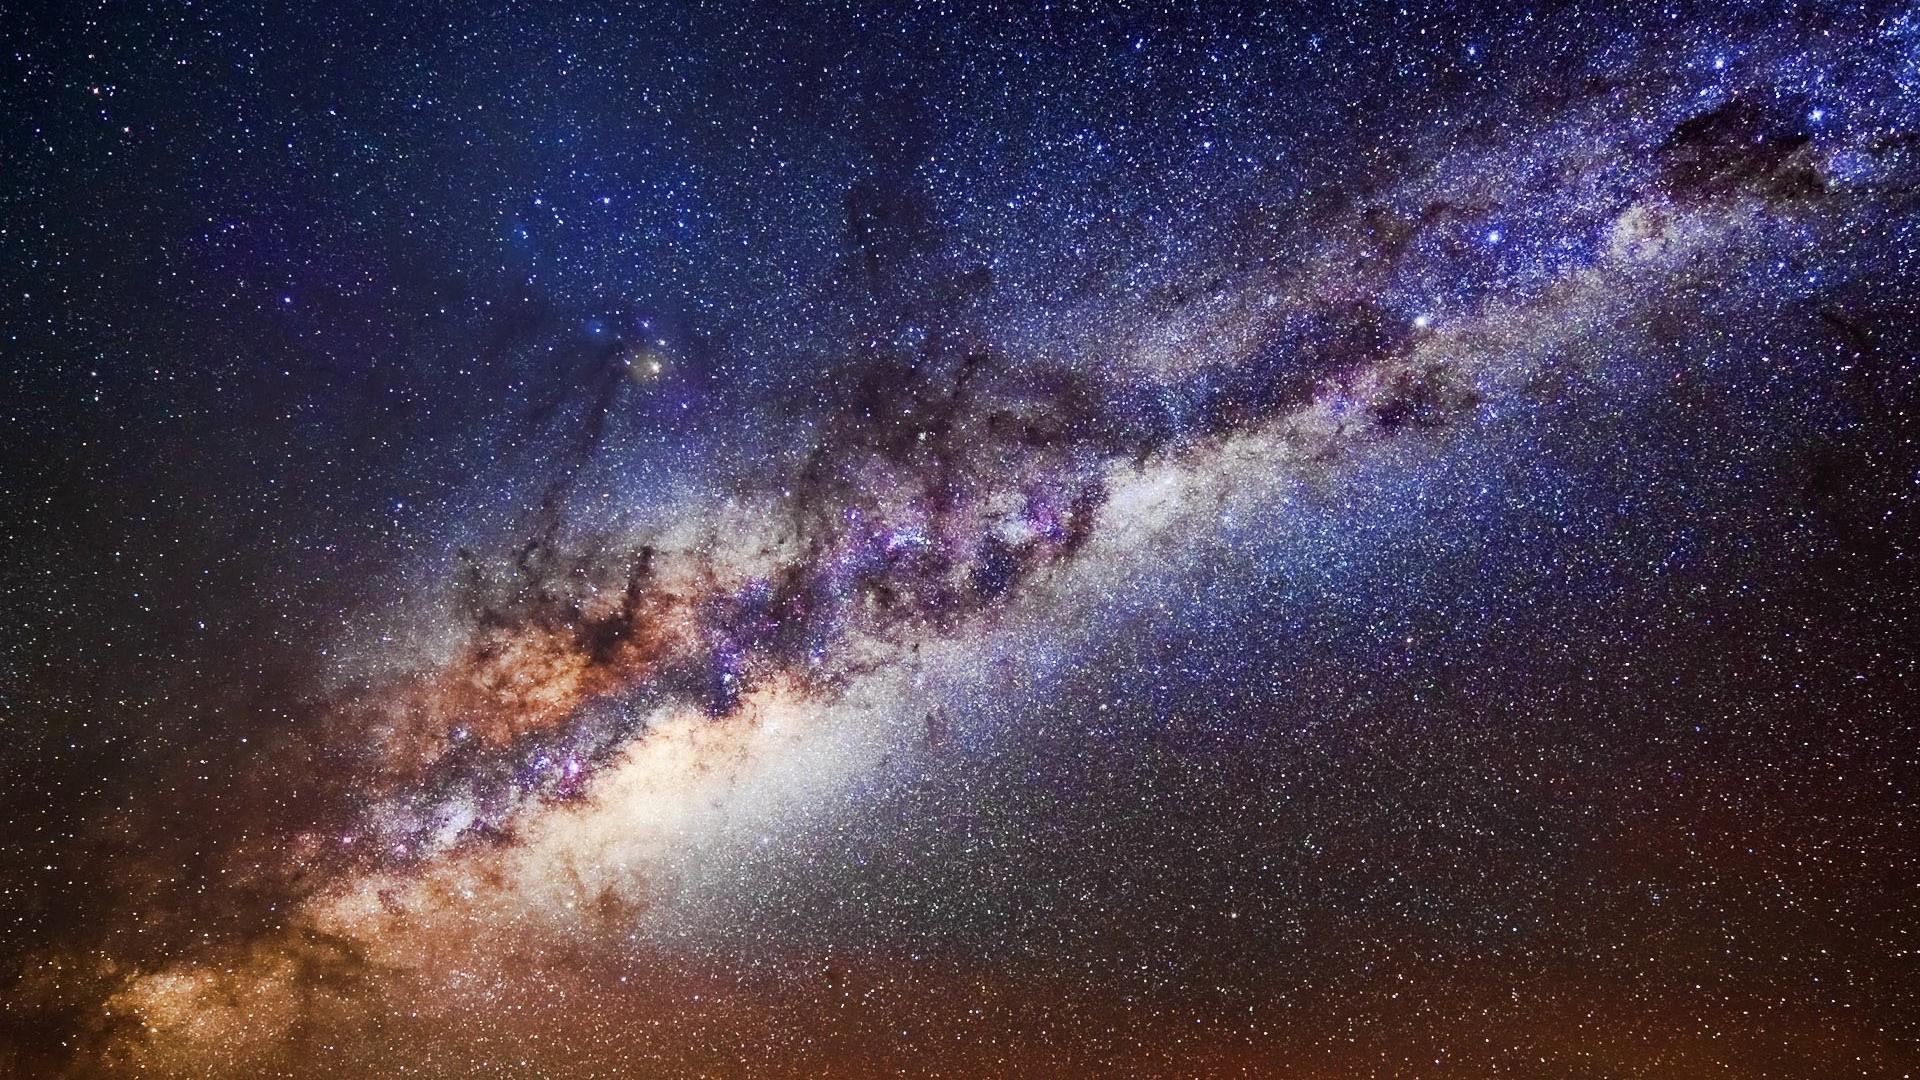 Hubble Desktop Wallpaper 1920 X 1080 – Pics about space